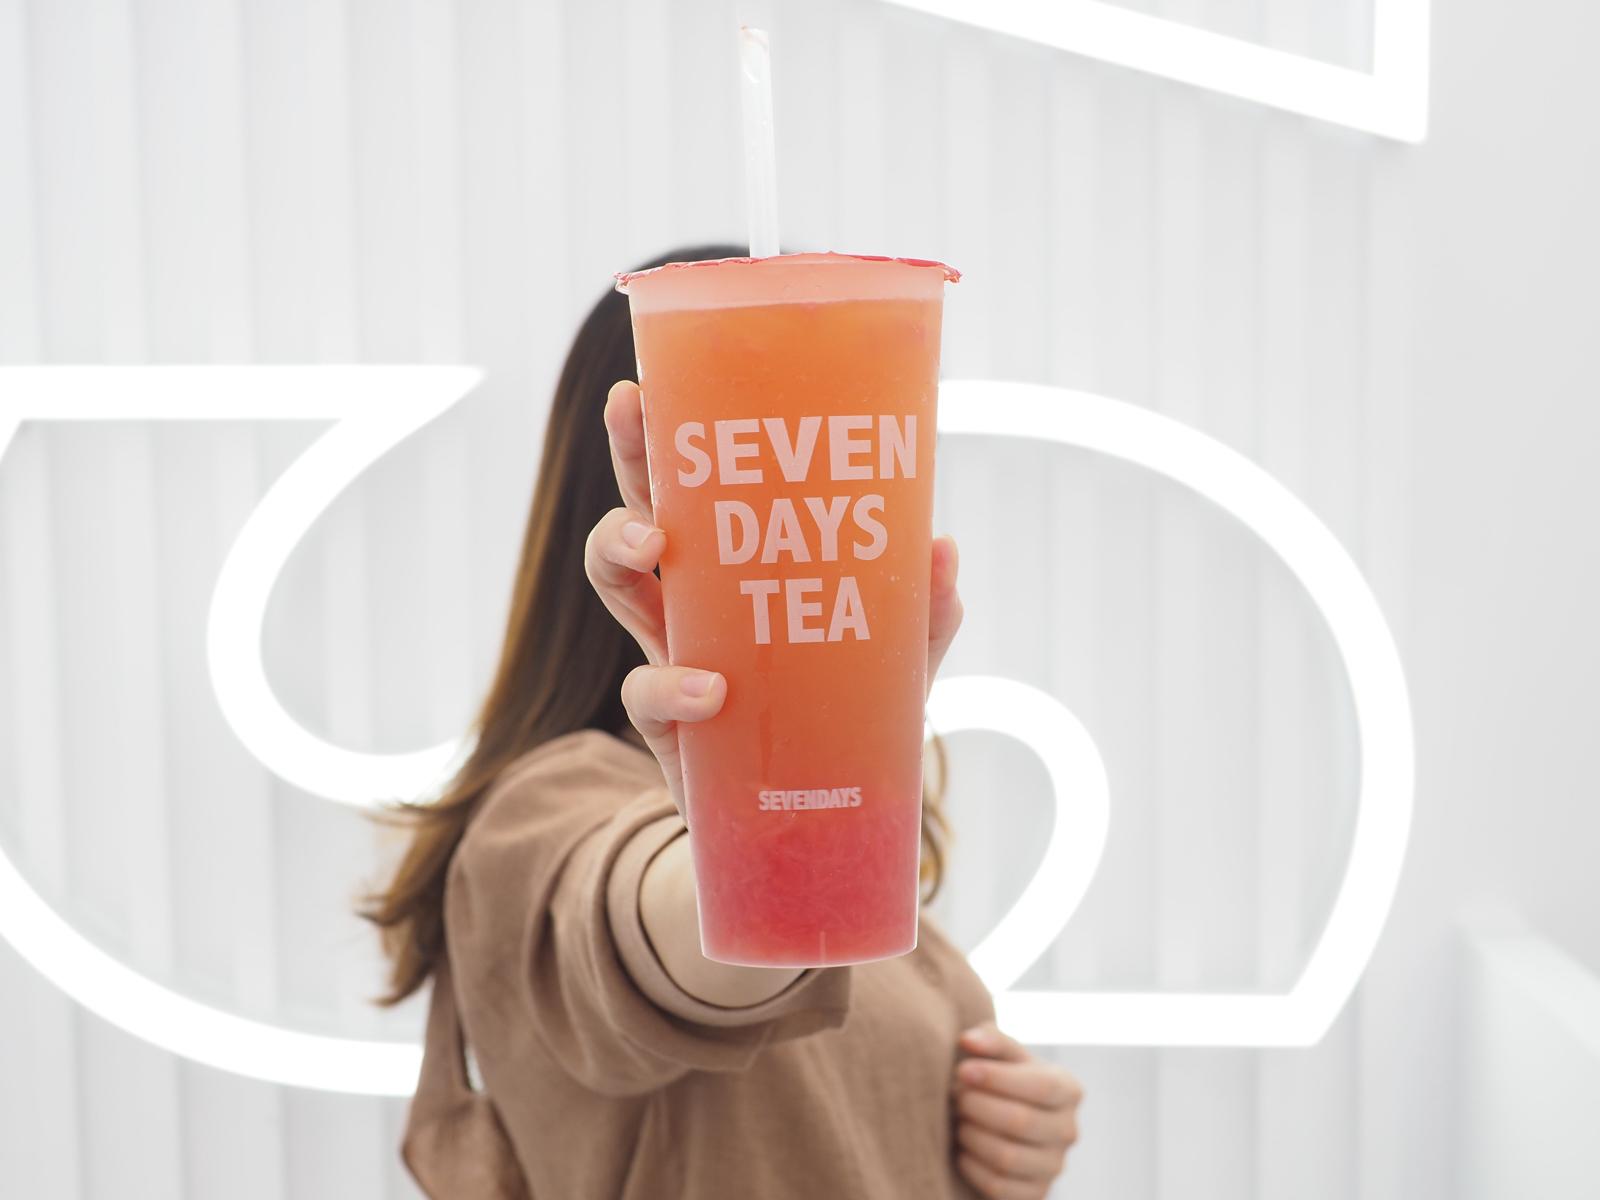 【中山站手搖飲推薦】SEVEN DAYS TEA 葡萄柚綠界第一名 來中山站都先買杯再逛街